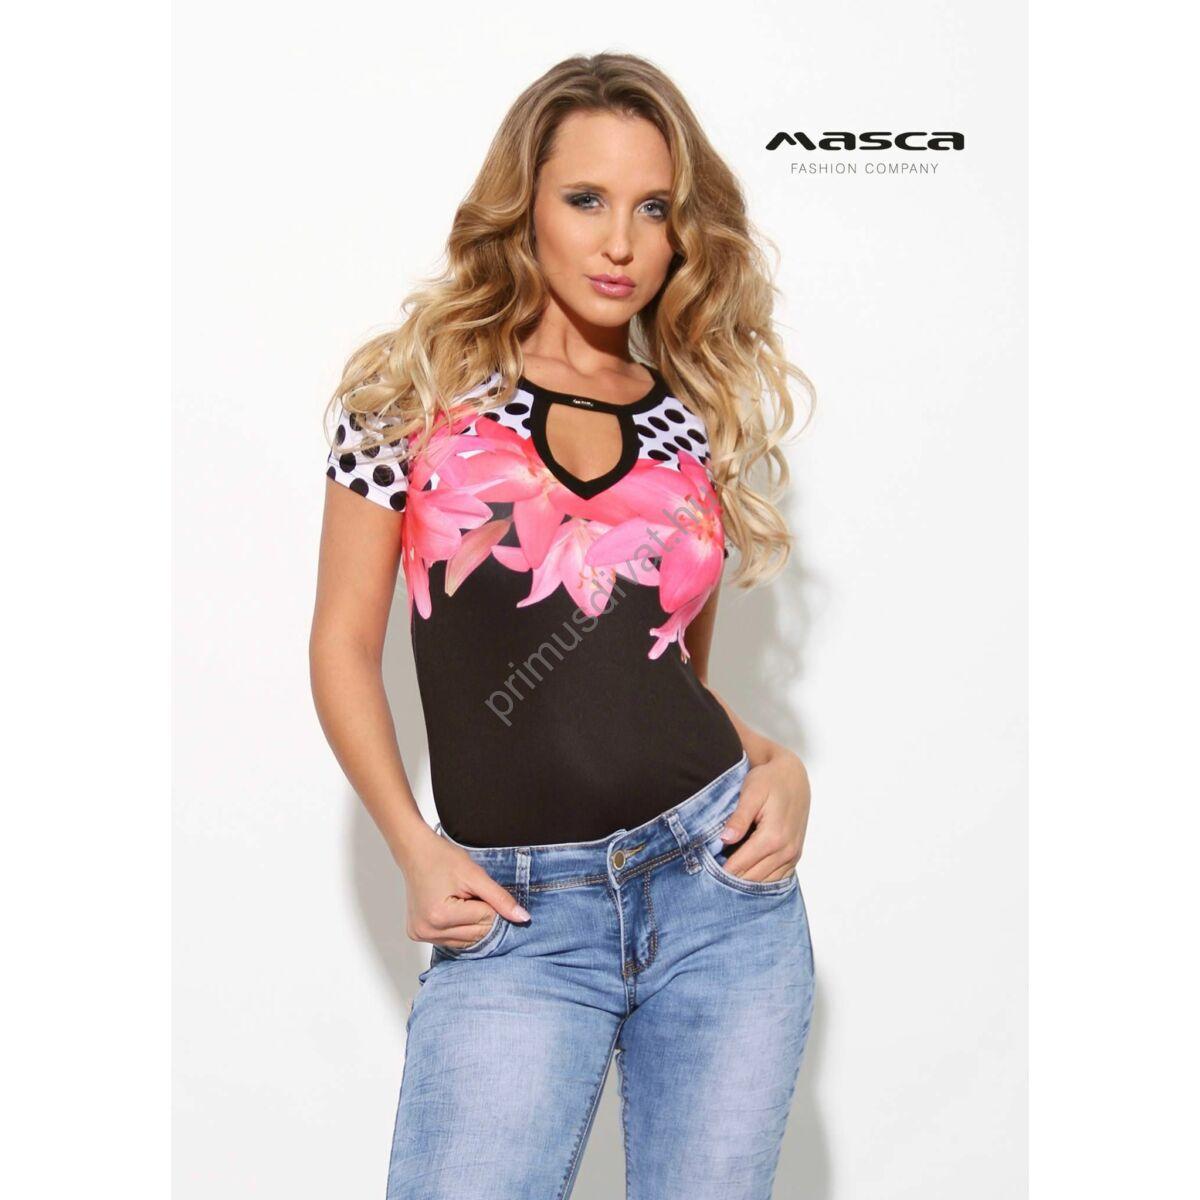 9fff82cefc Kép 1/1 - Masca Fashion kivágott dekoltázsú virágos-pöttyös rövid ujjú szűk  fekete felső